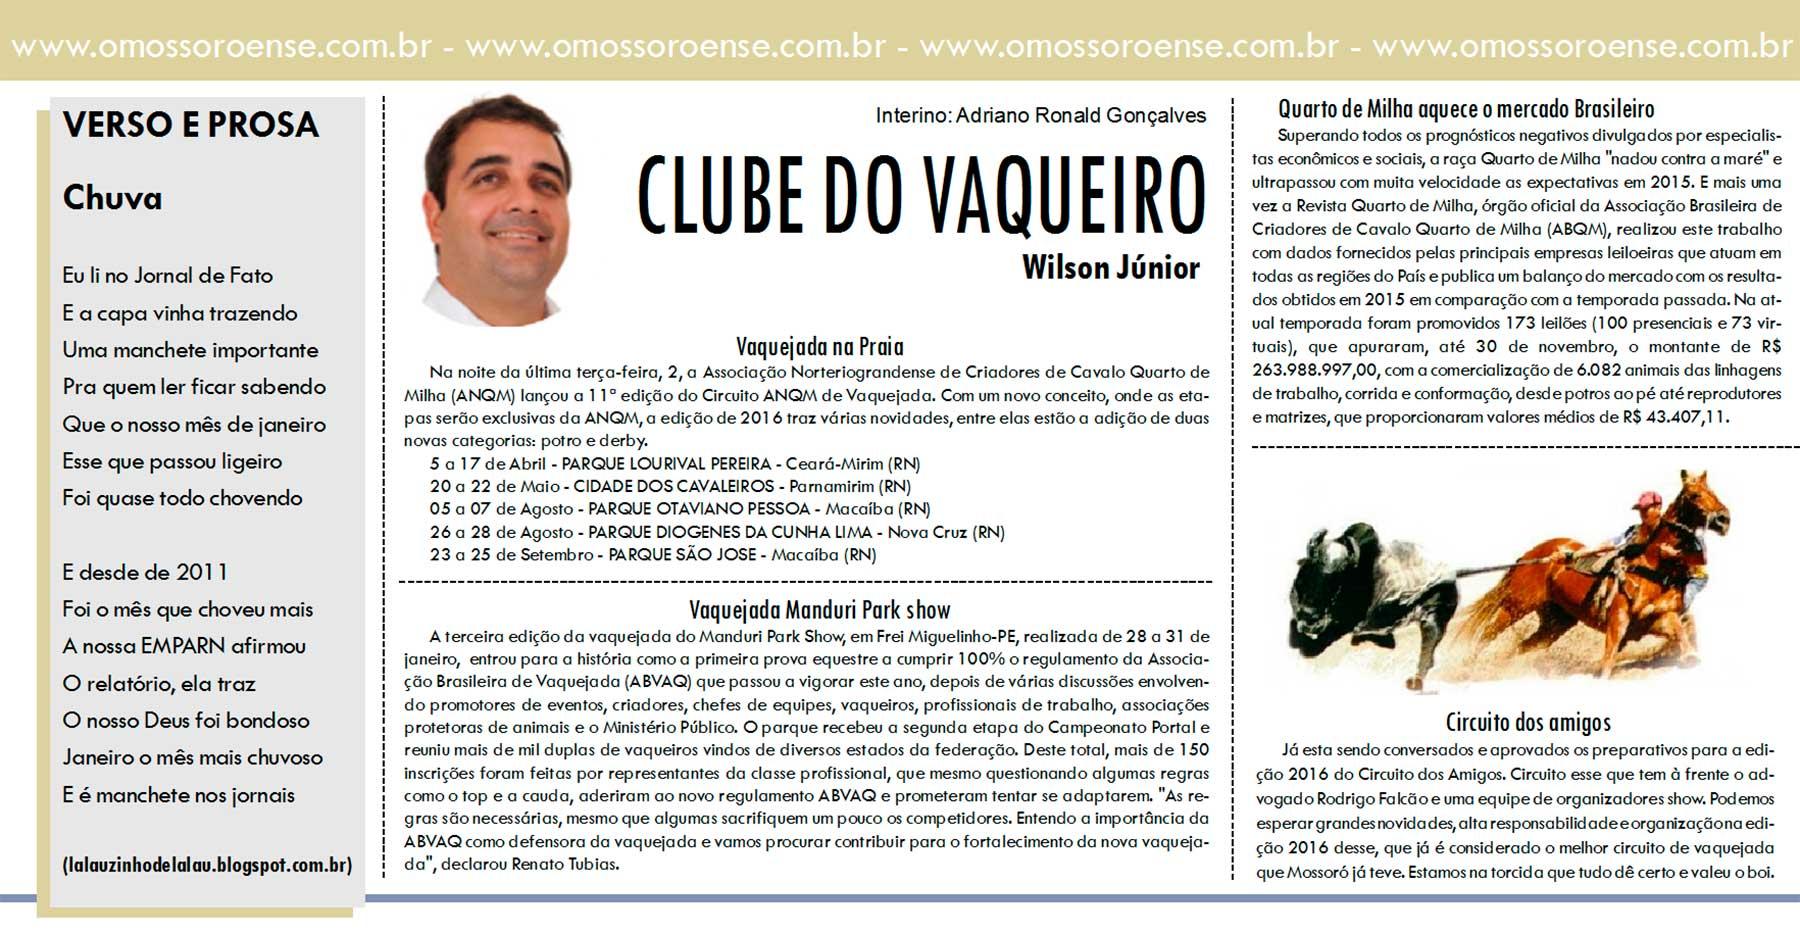 CLUBE-DO-VAQUEIRO---07-02-16